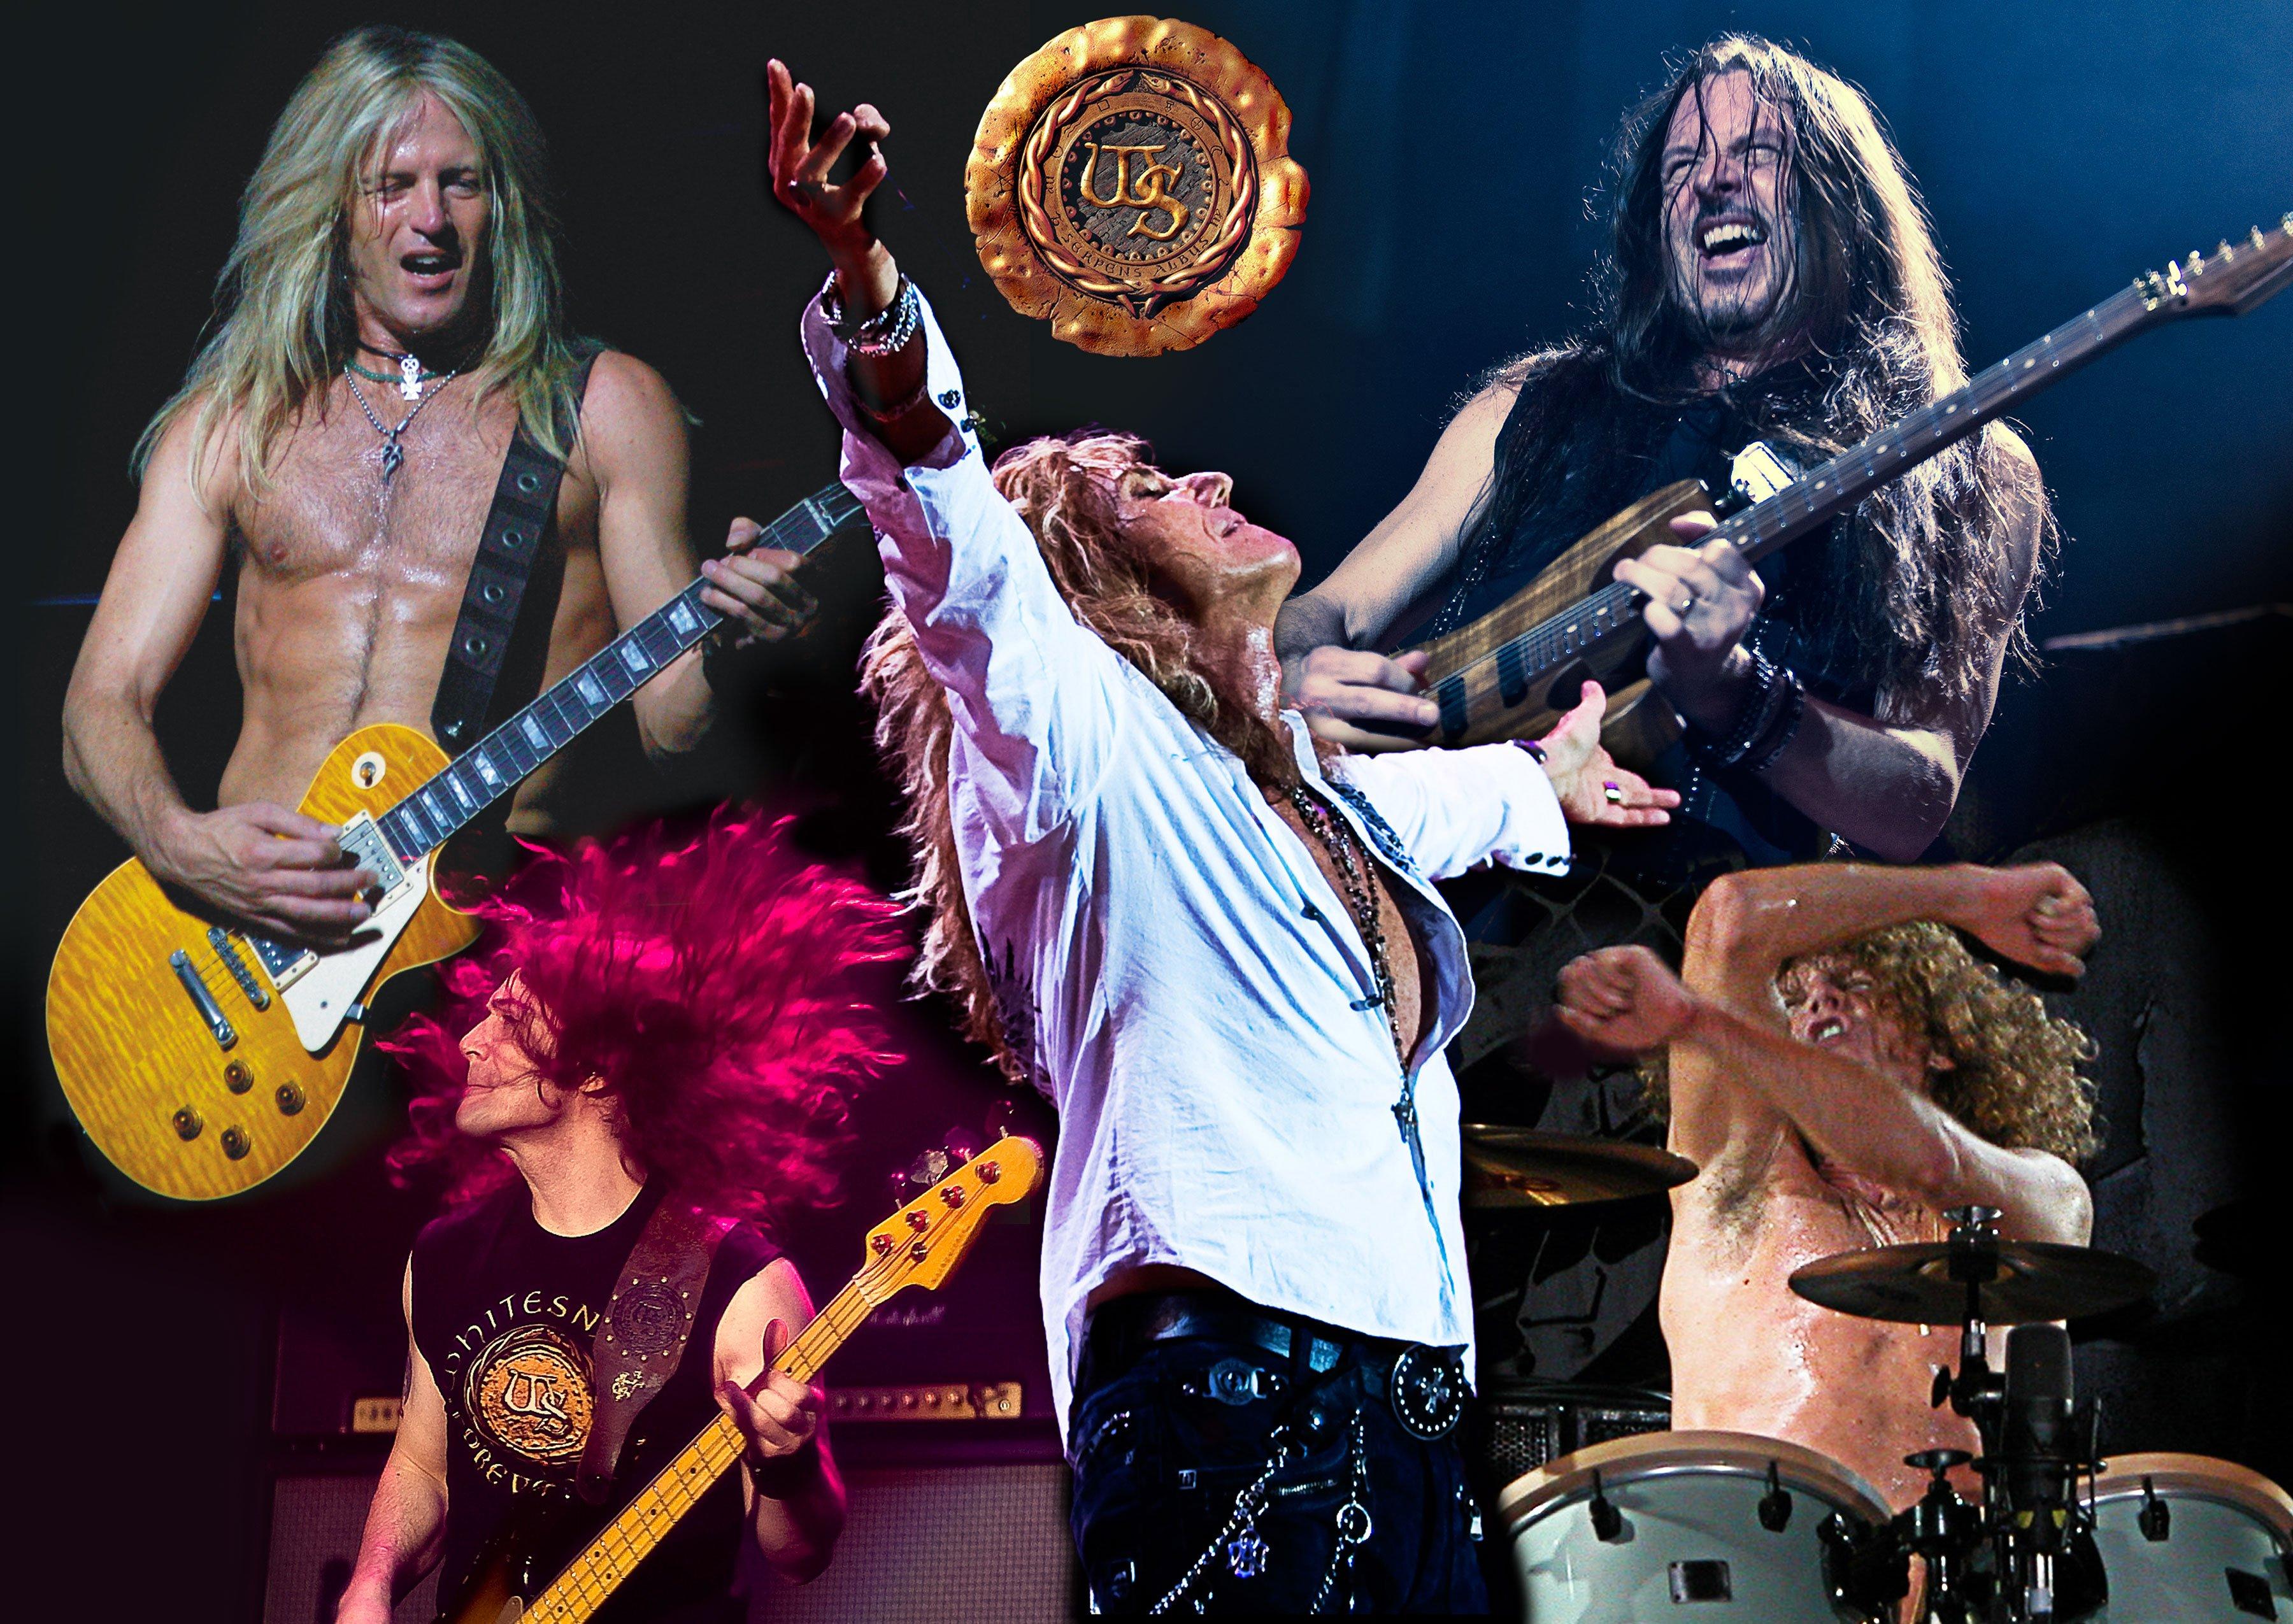 WHITESNAKE hair metal heavy hard rock poster concert wallpaper 3600x2550